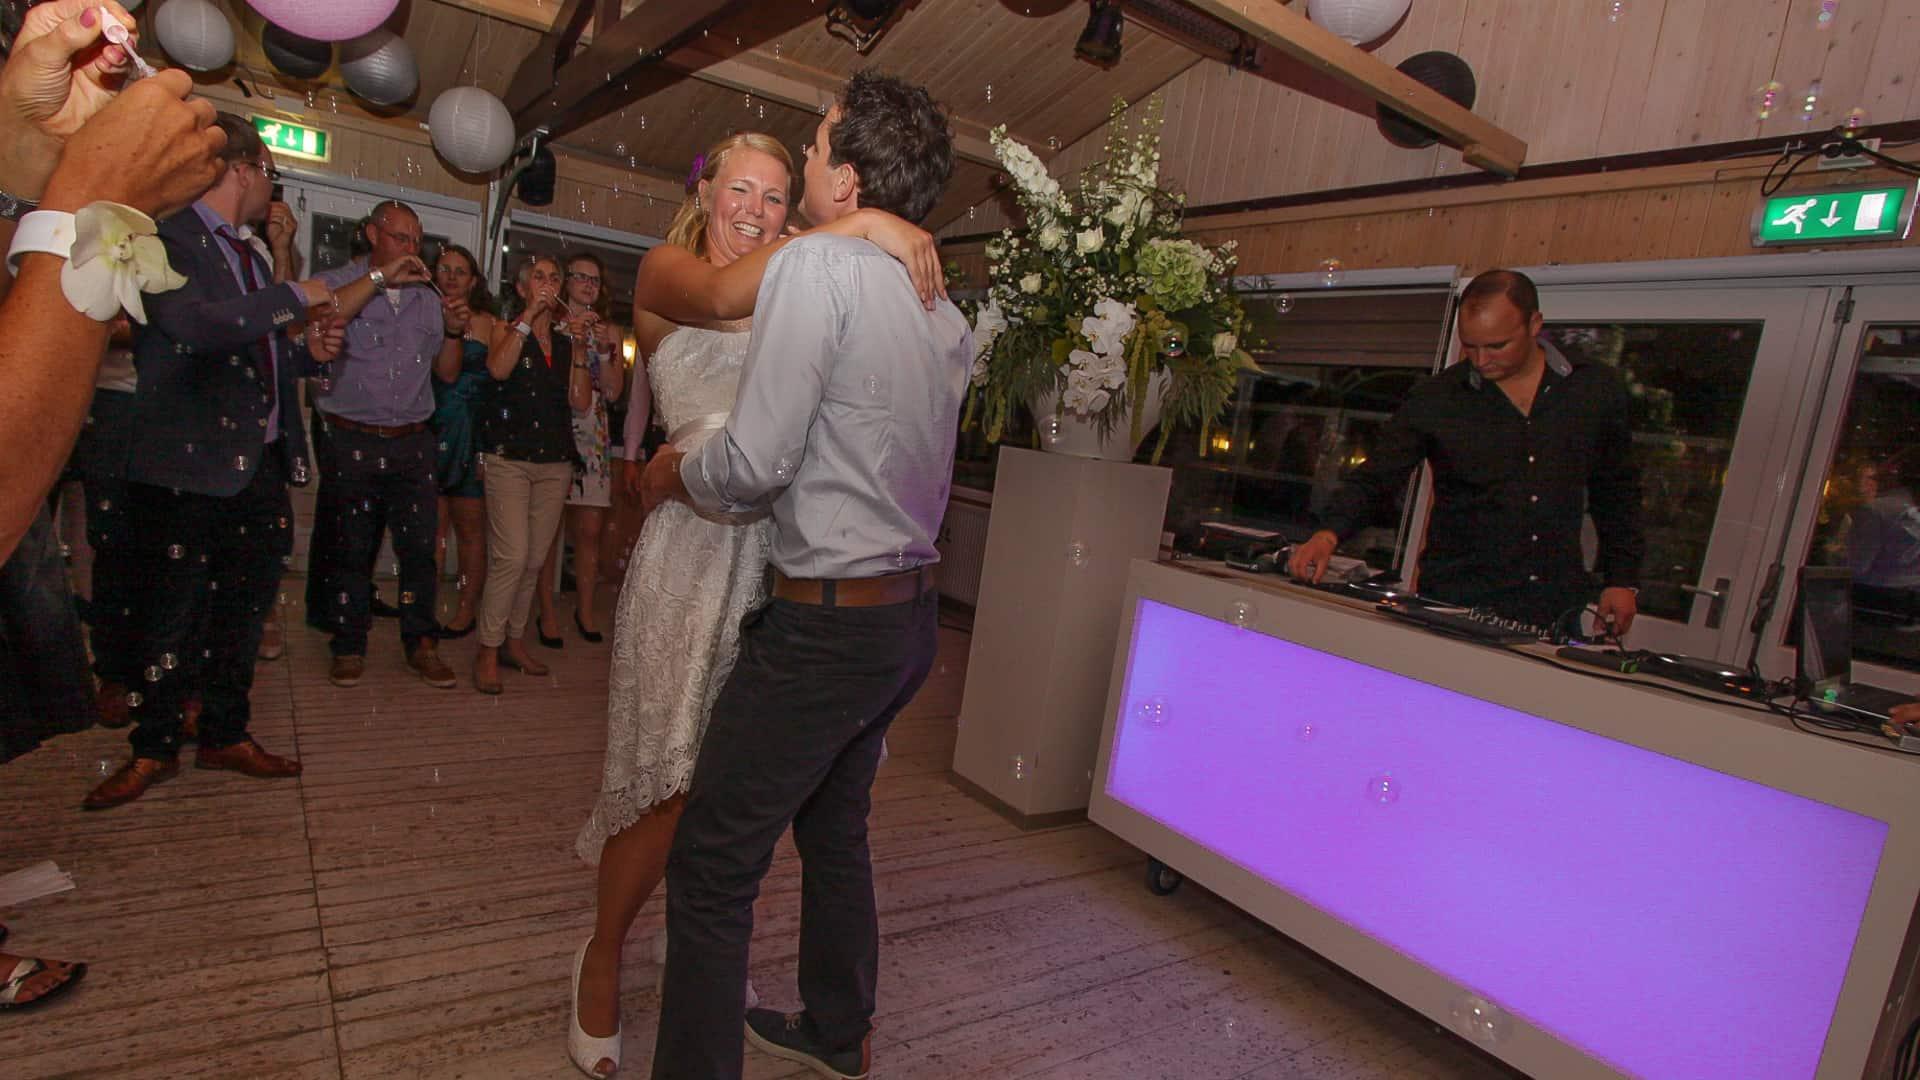 Bruiloft Sunseabar - Arjan en Jody.